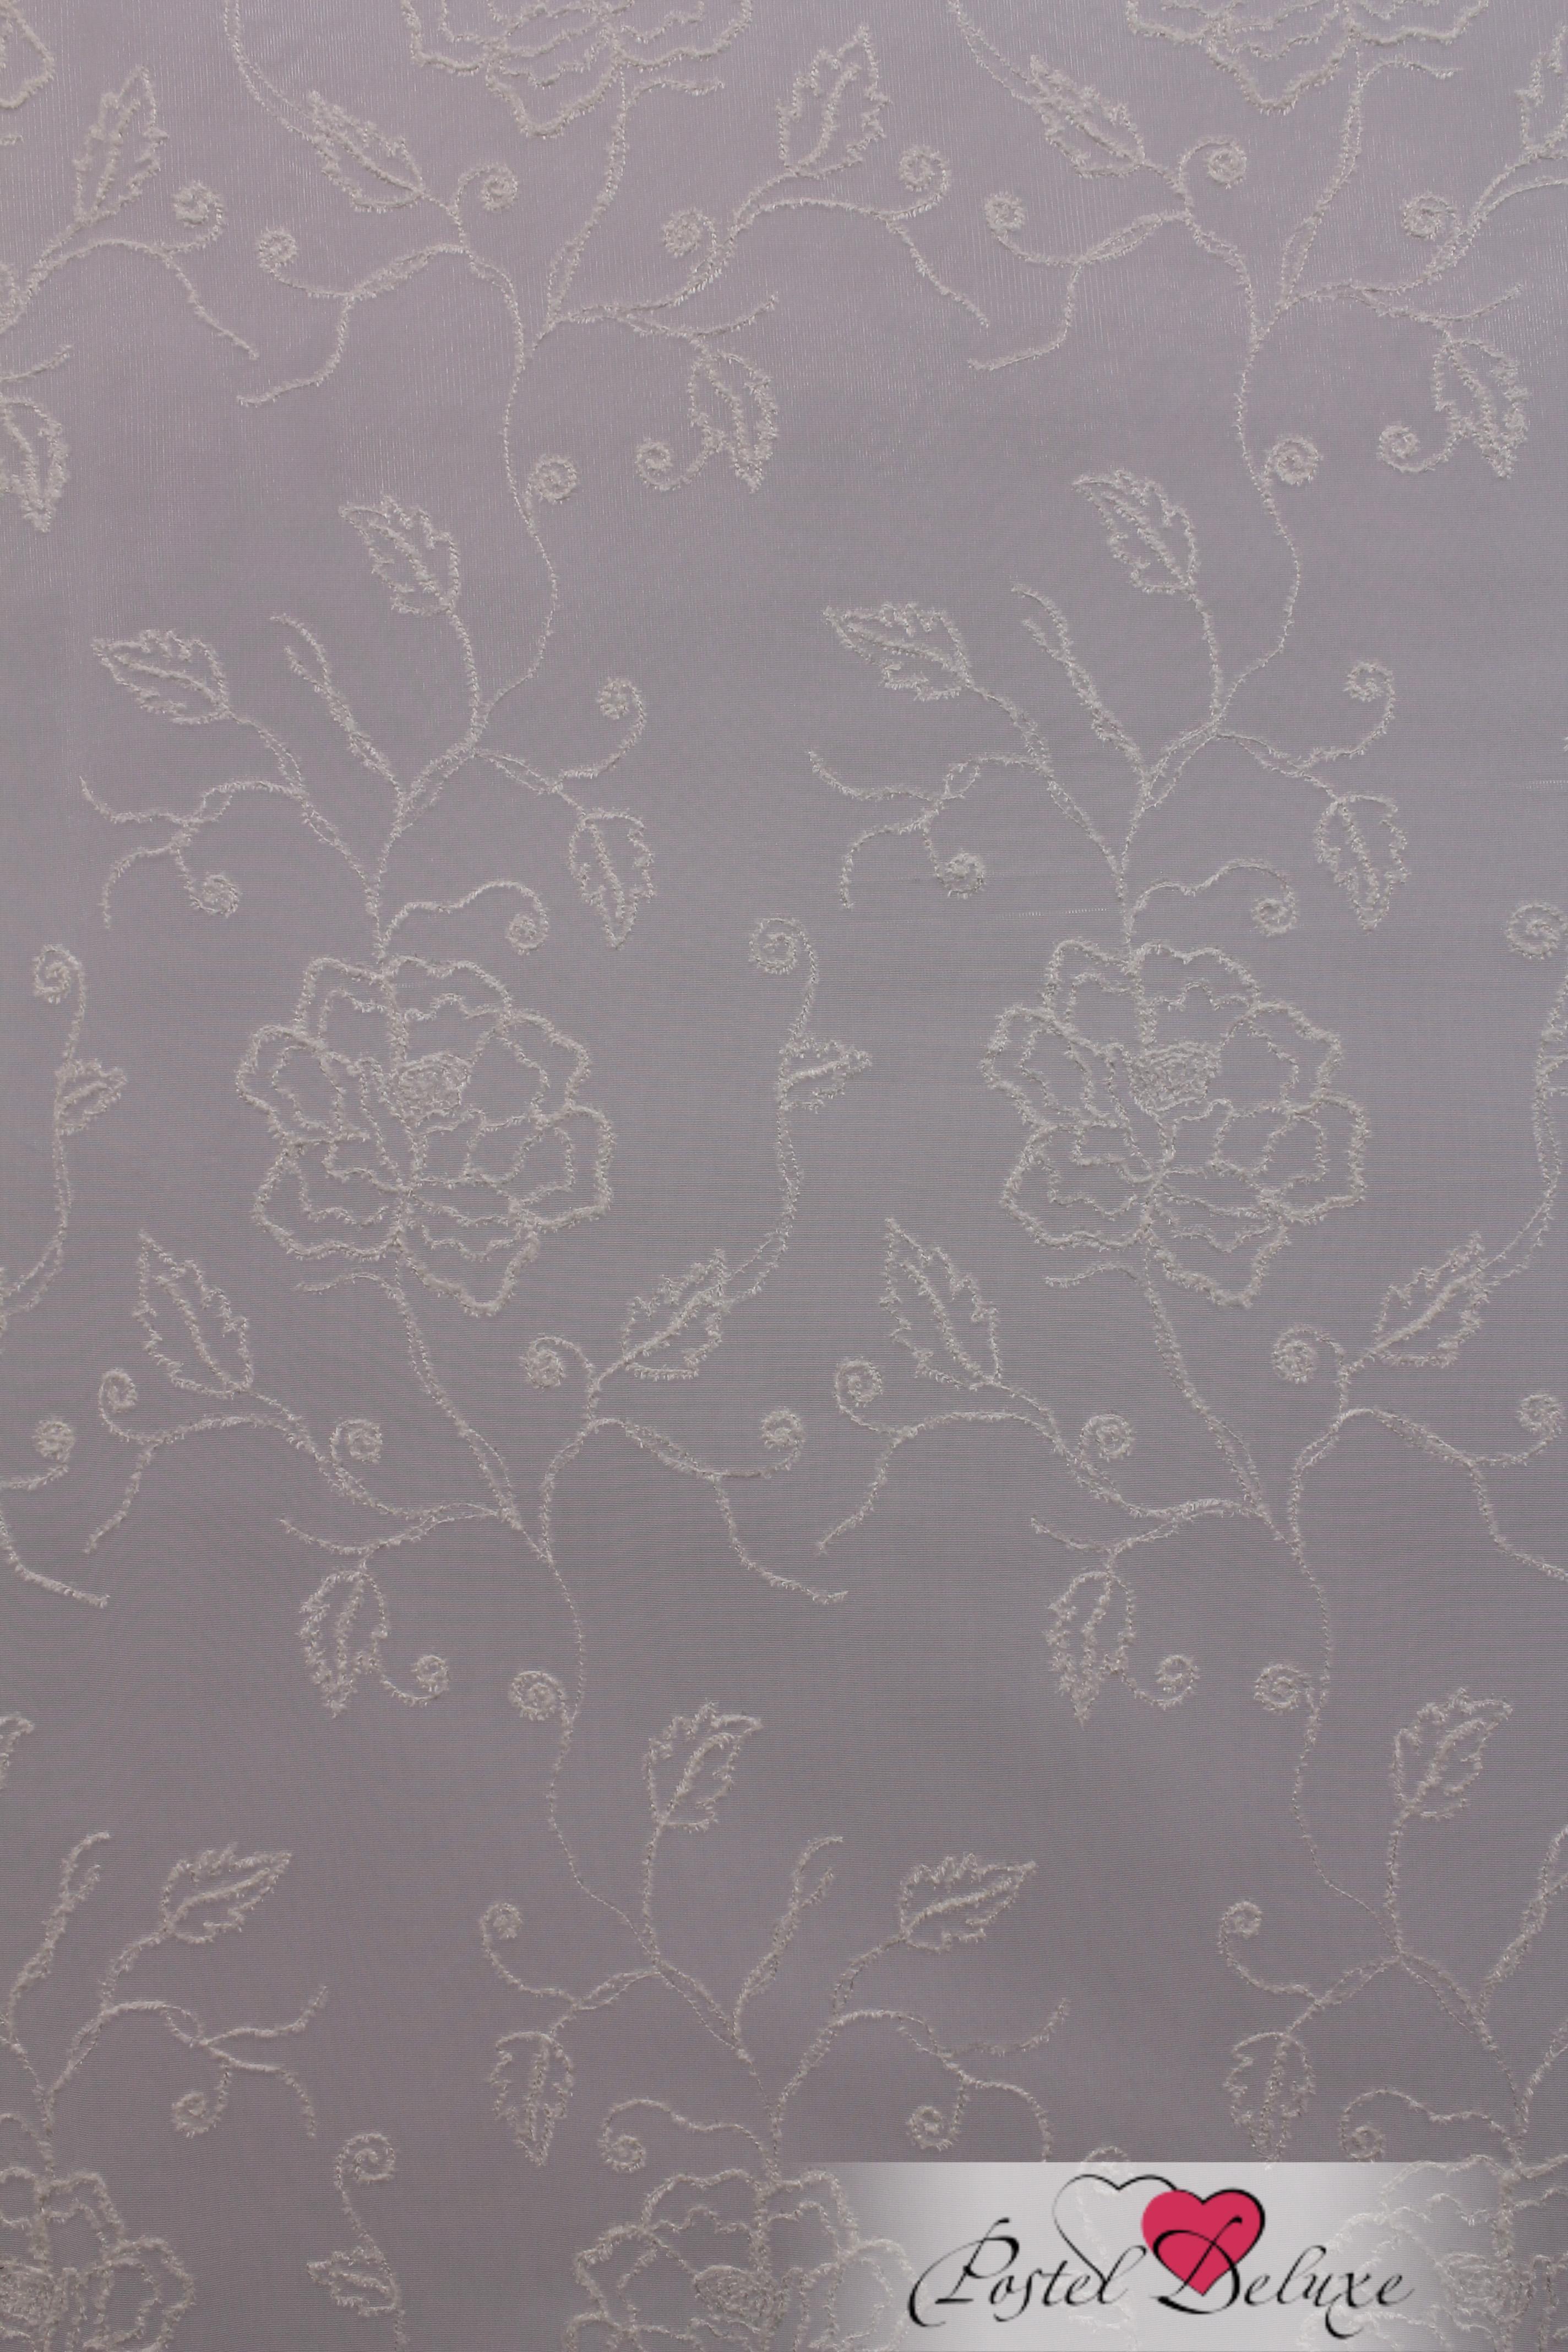 Шторы Sanpa Классические шторы Кива Цвет: Бежевый шторы tac классические шторы winx цвет персиковый 200x265 см